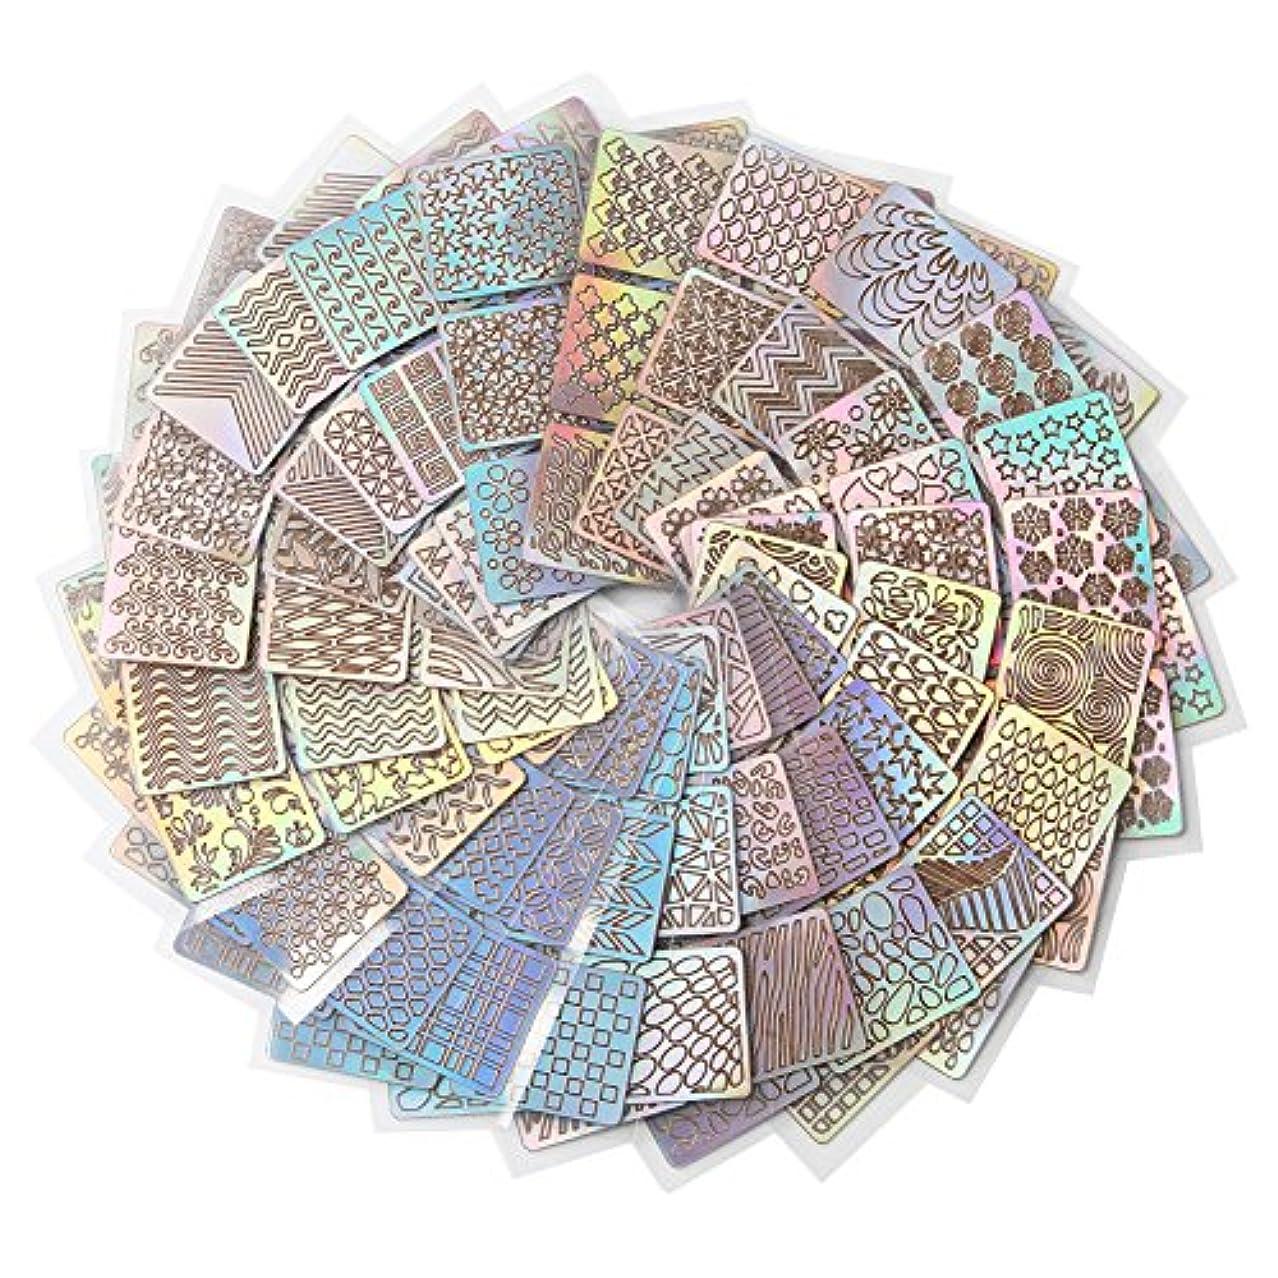 文明化するバッジ反対にDemiawaking ネイル用装飾 可愛いネイル飾り テープ ネイル パーツ ネイルーシール 今年流行ネイティブ柄ネイルステッカー 24枚セット